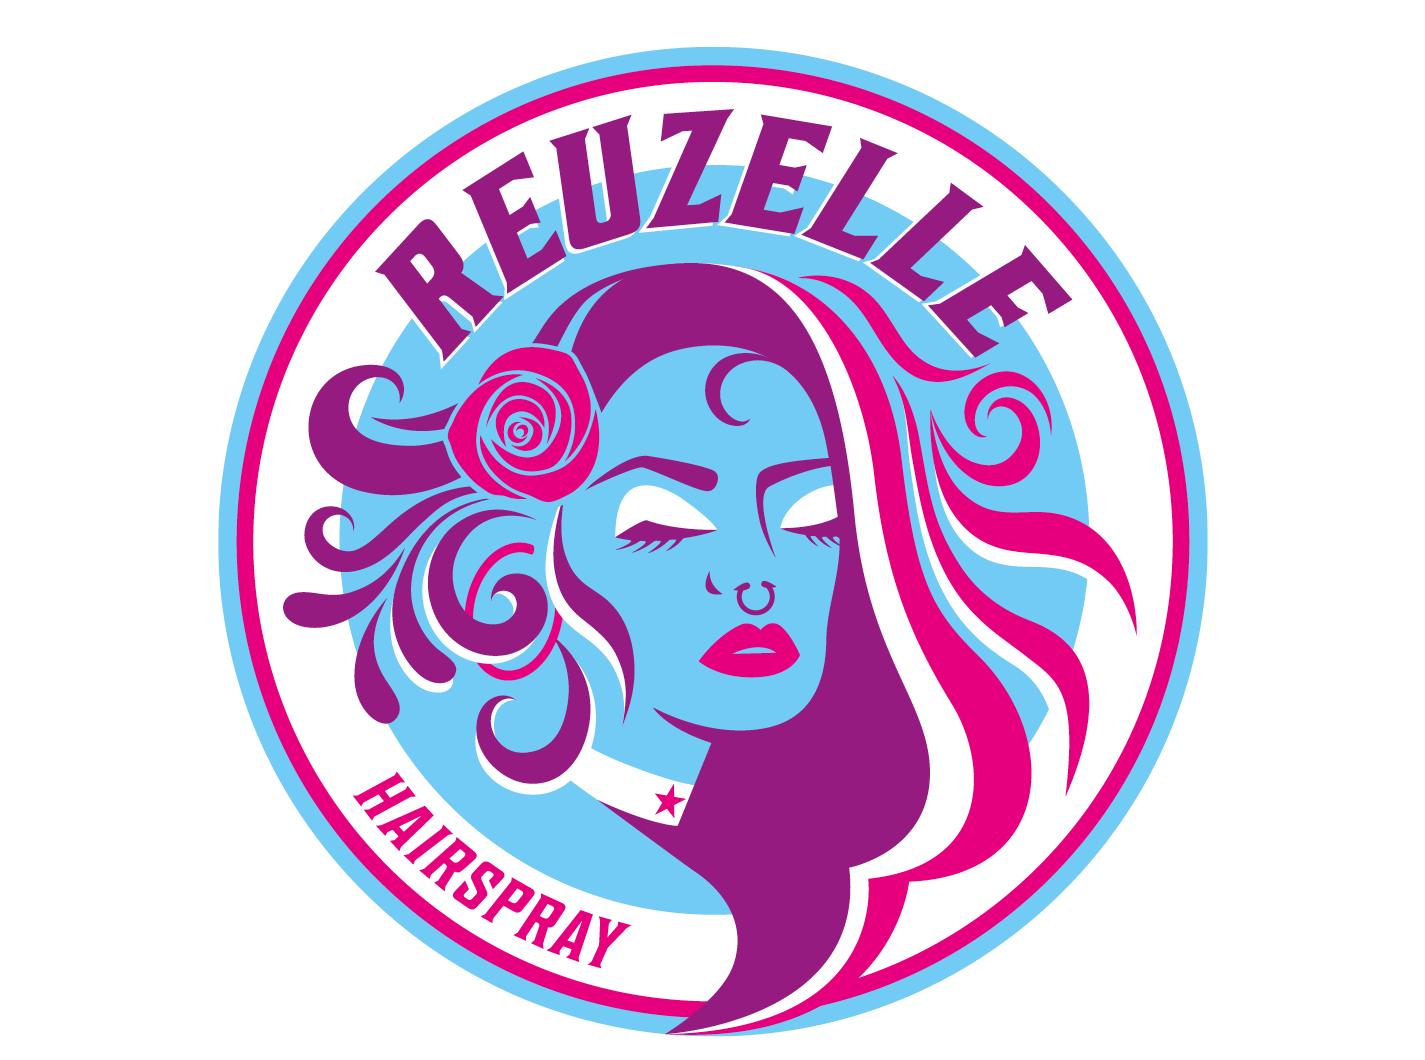 Presentatie_Reuzelle_2